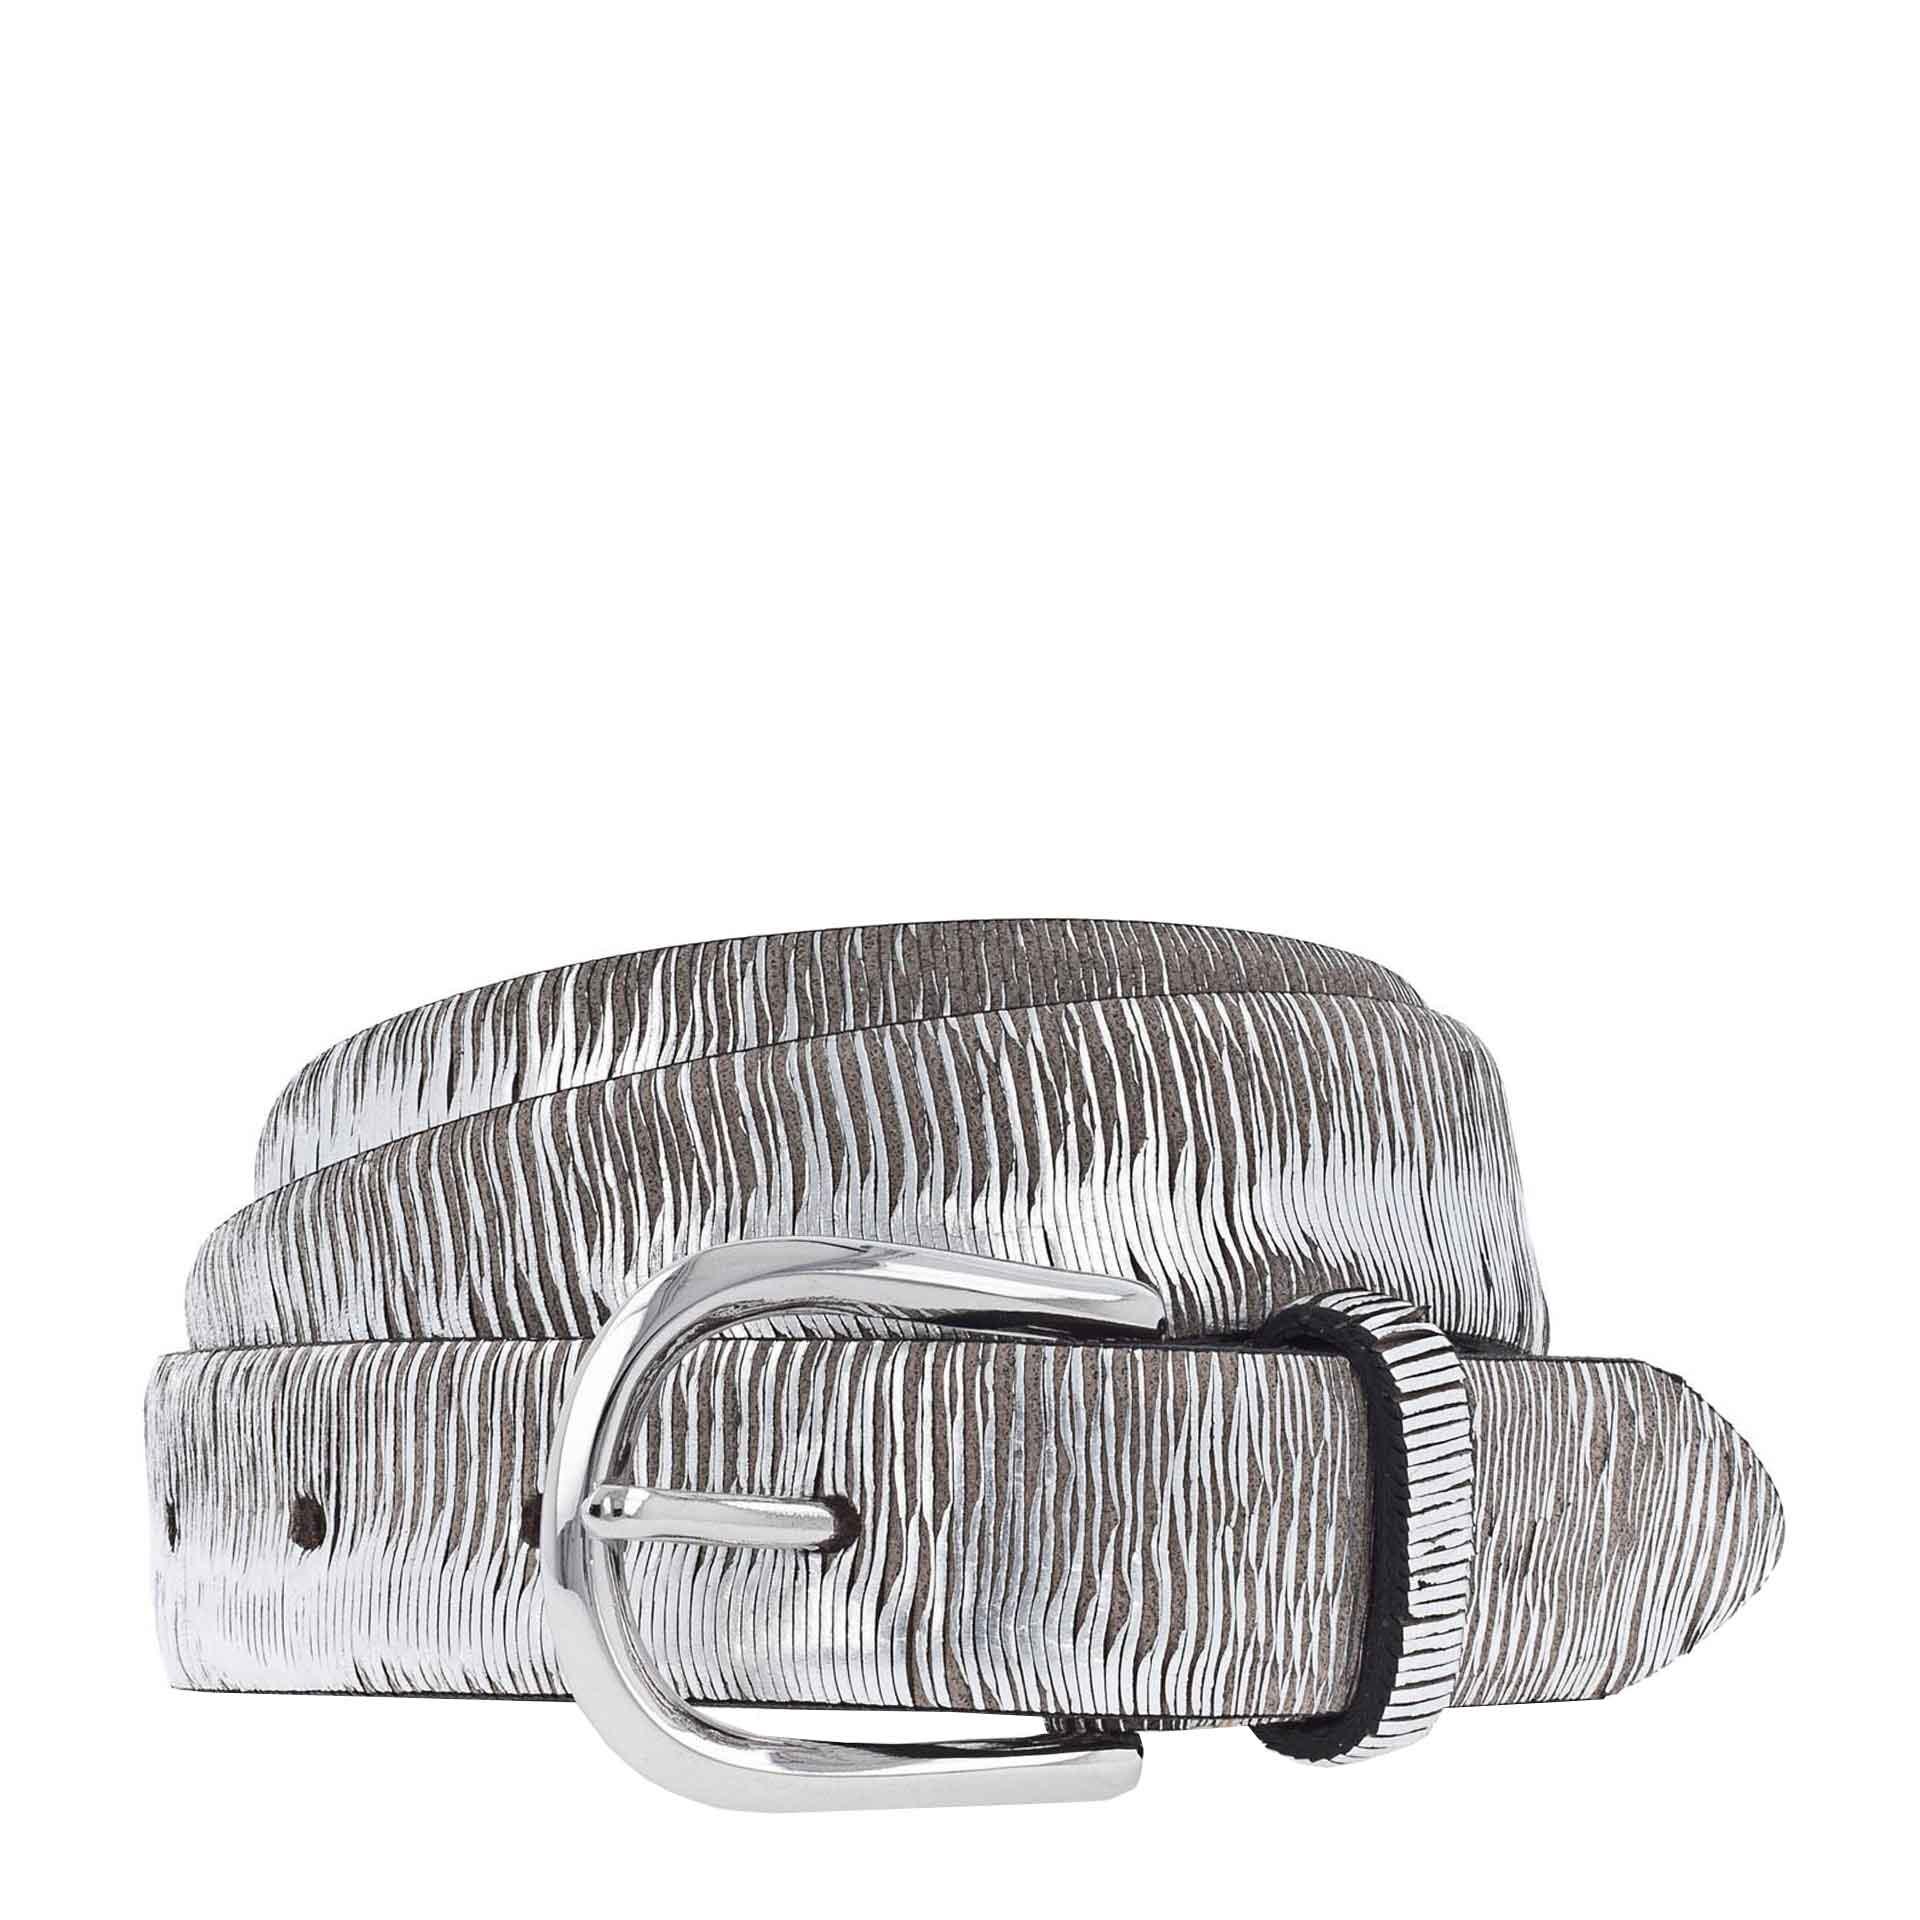 b.belt Cuna Ledergürtel 90 anthrazit grau - silber metallic